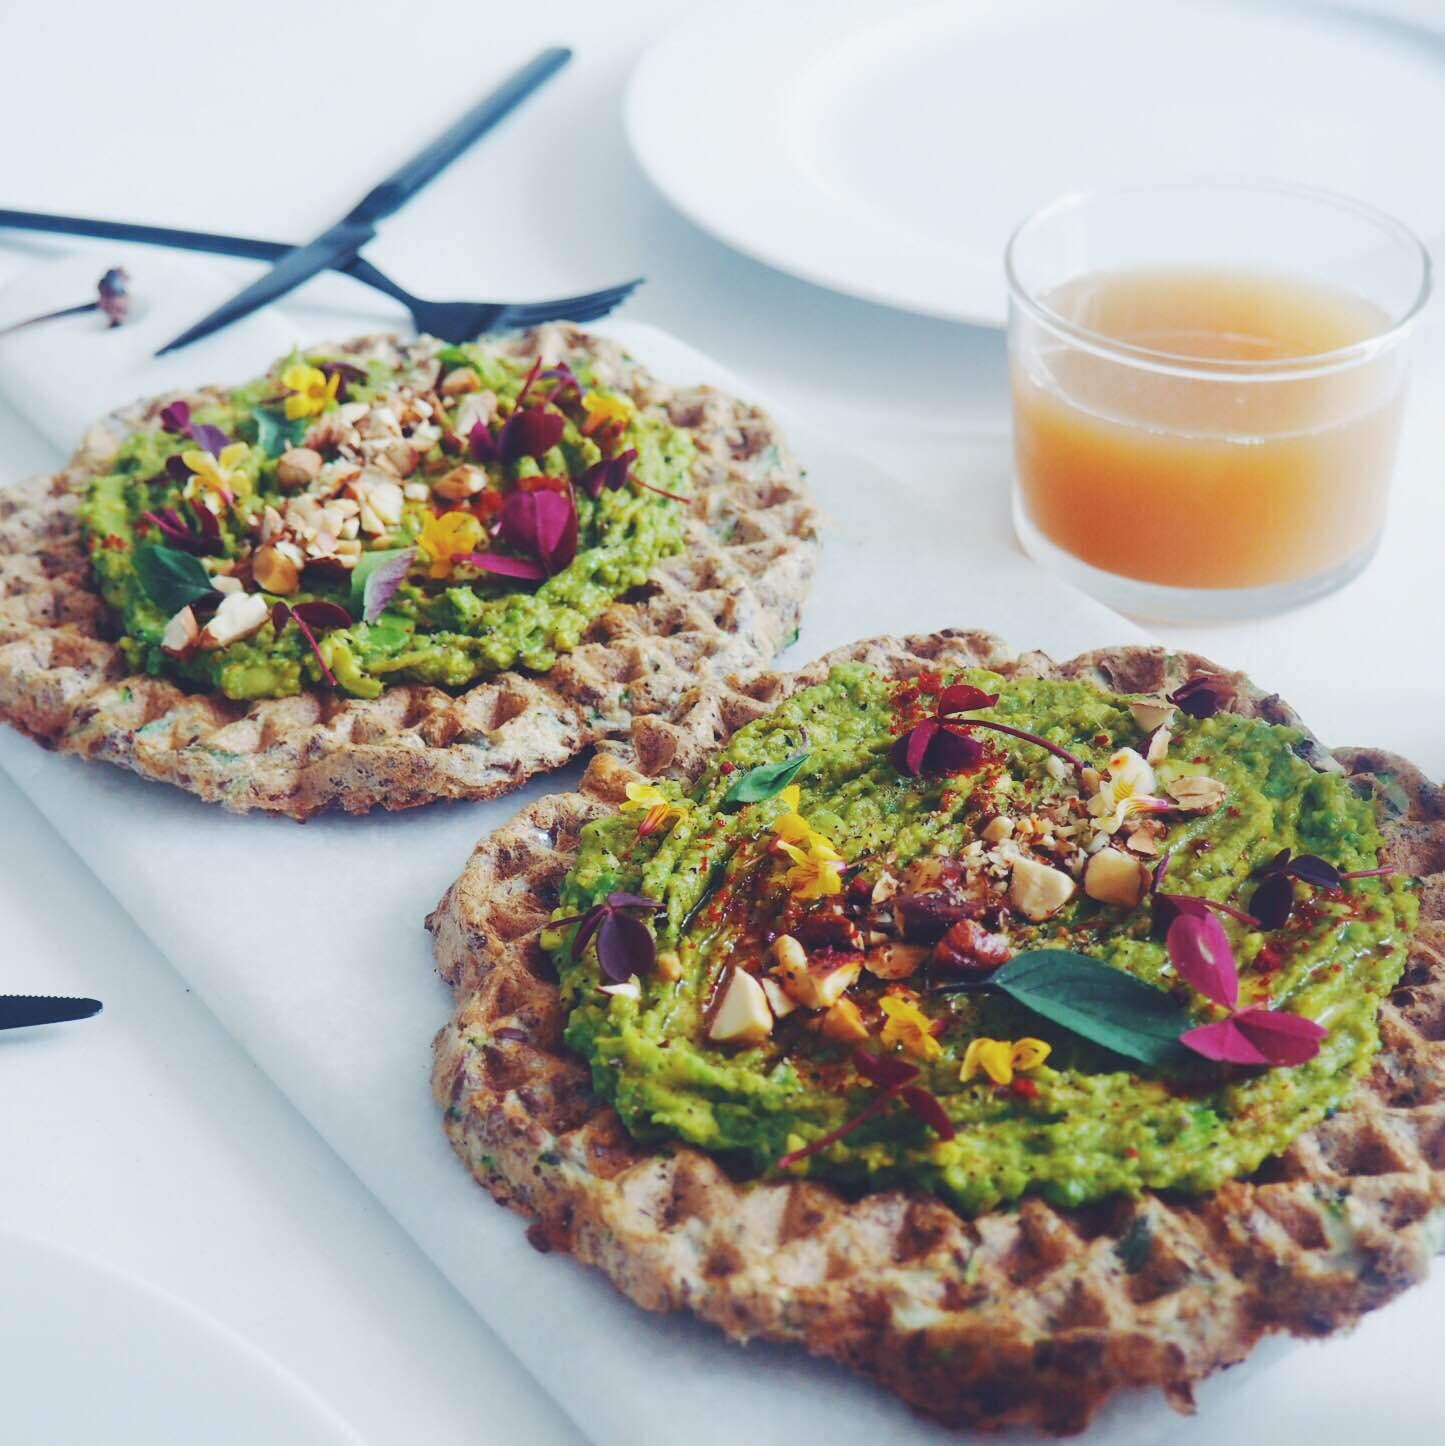 sunde vafler med avokado smash, skovsyre, basilikumblomster